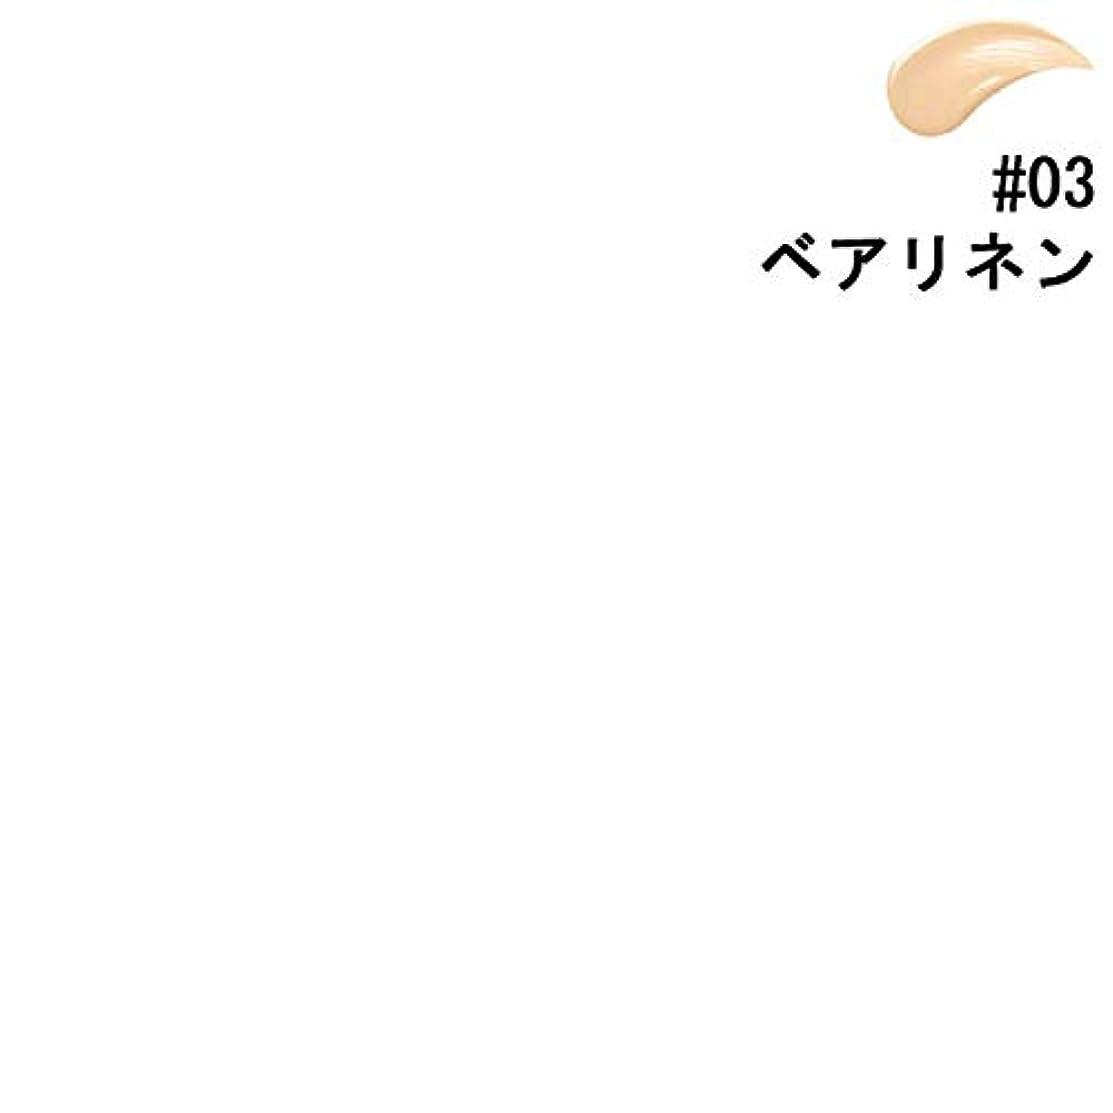 しばしばネブ摂氏【ベアミネラル】ベアミネラル ベア ファンデーション #03 ベアリネン 30ml [並行輸入品]